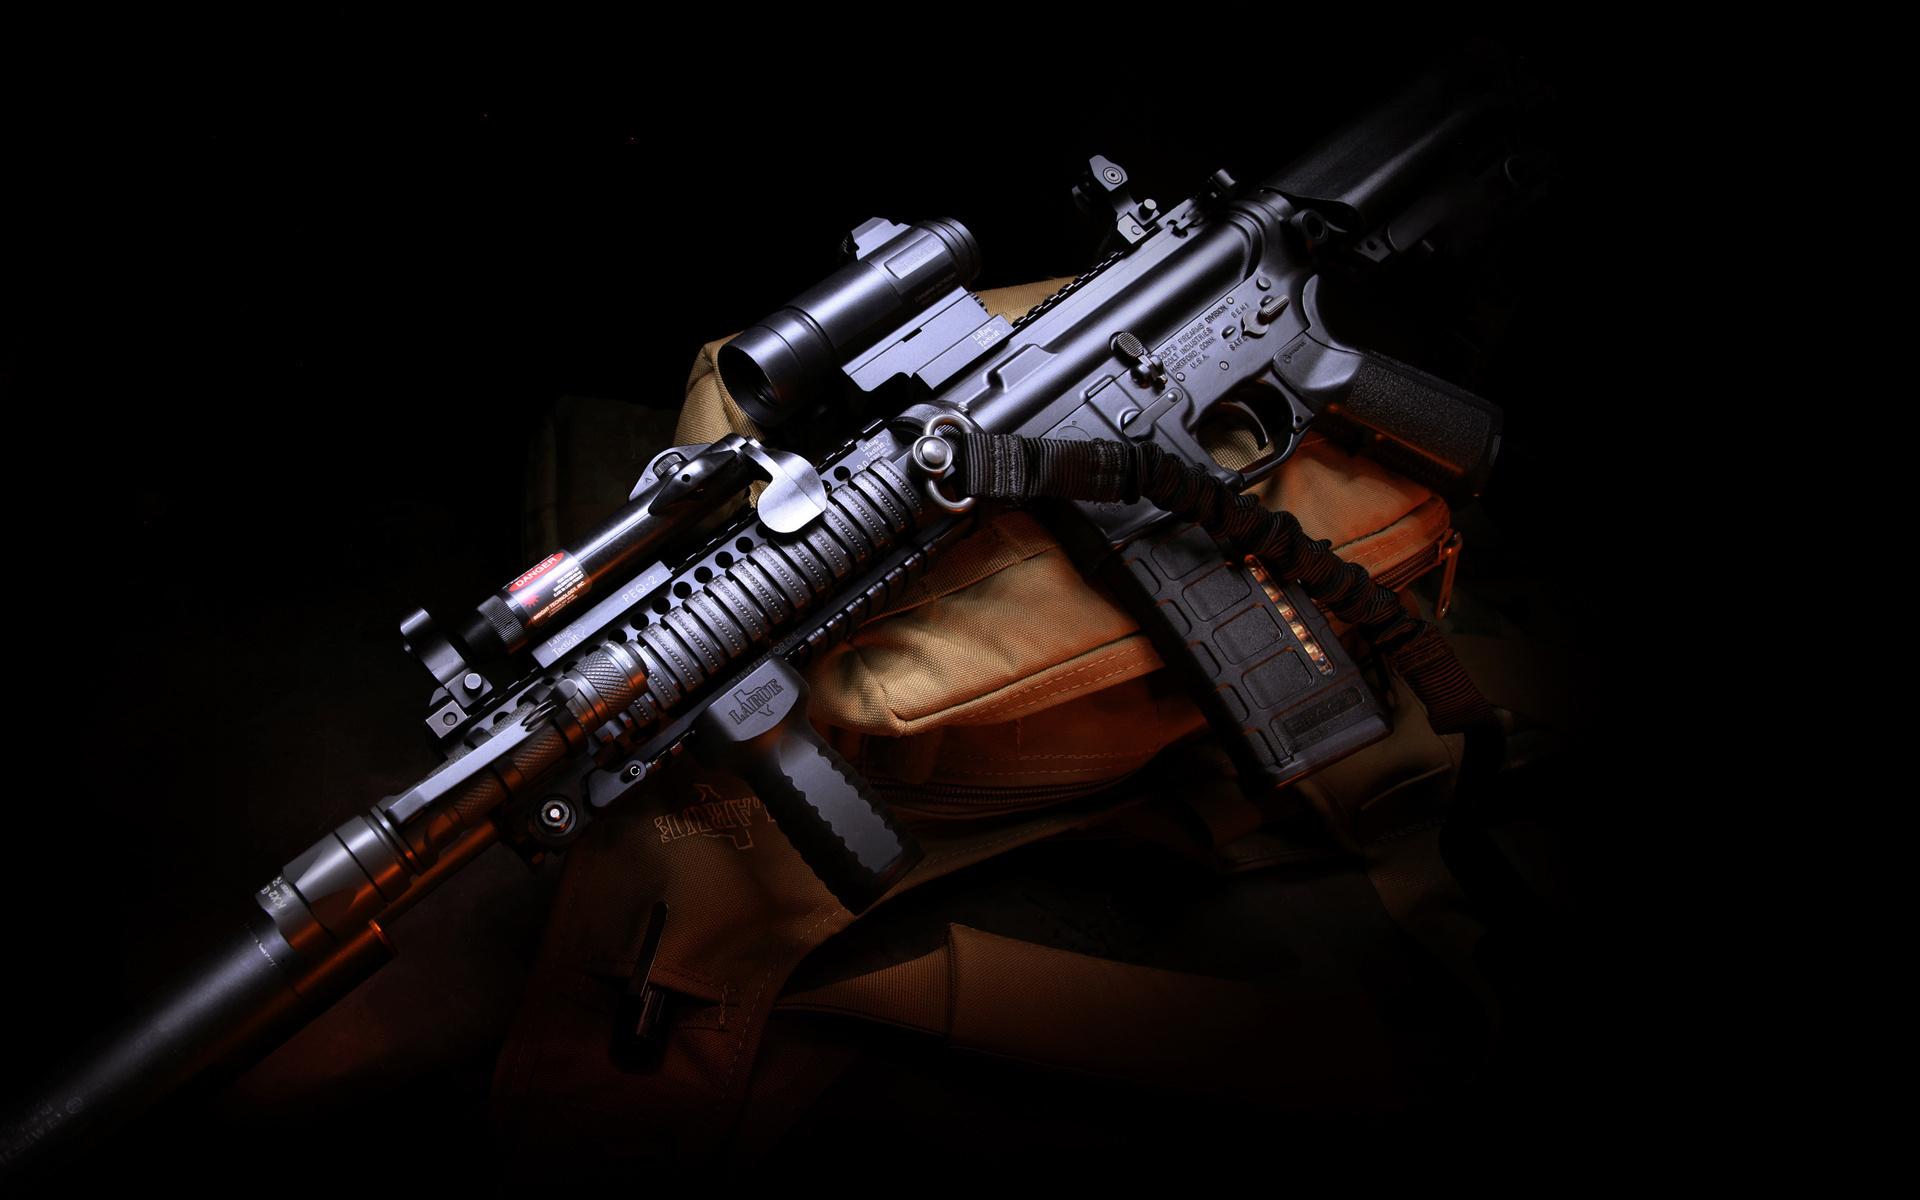 Картинка: Автомат, винтовка, штурмовая, лежит, прицел, M4